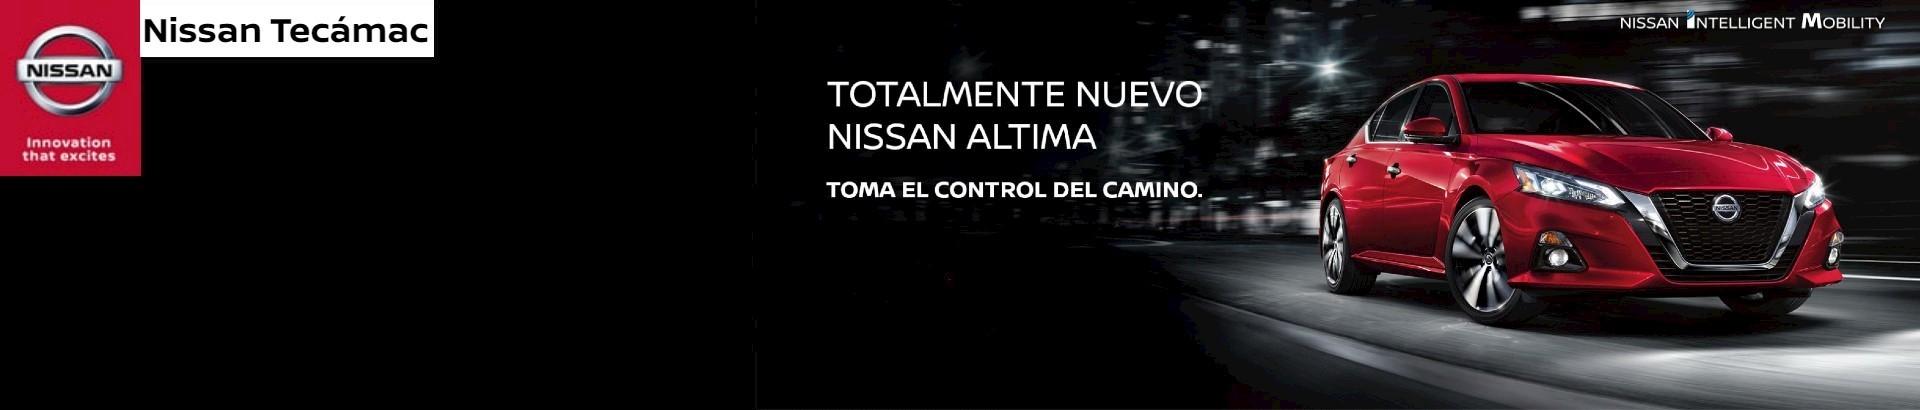 Nissan Tecámac